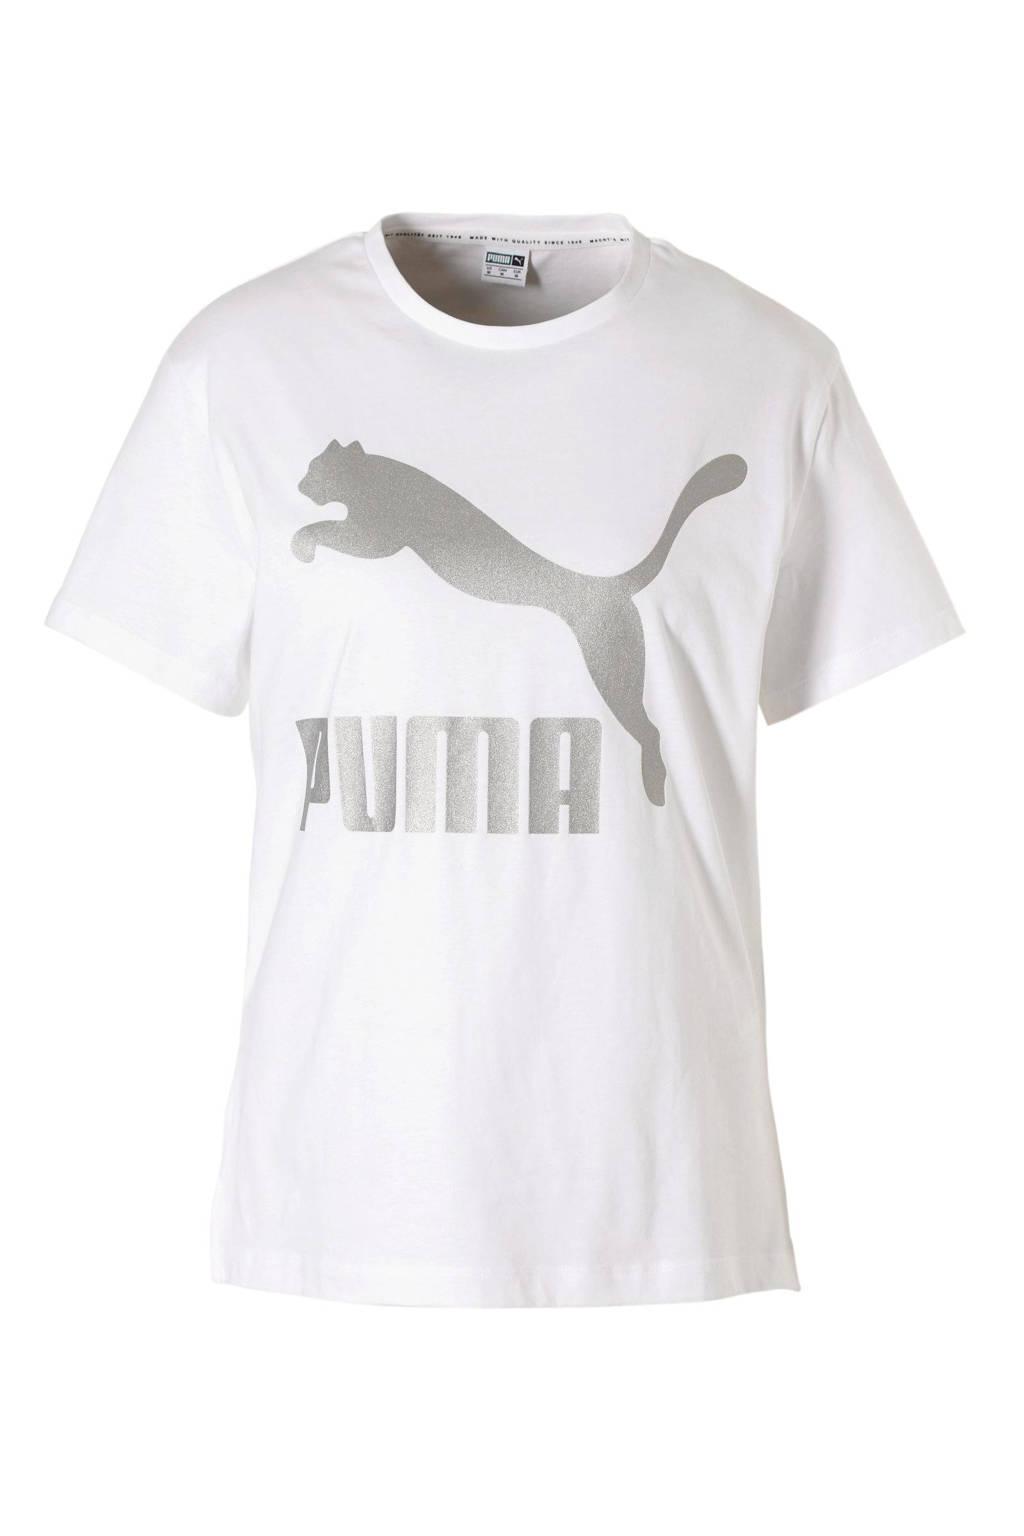 Puma T-shirt wit, Wit/zilver